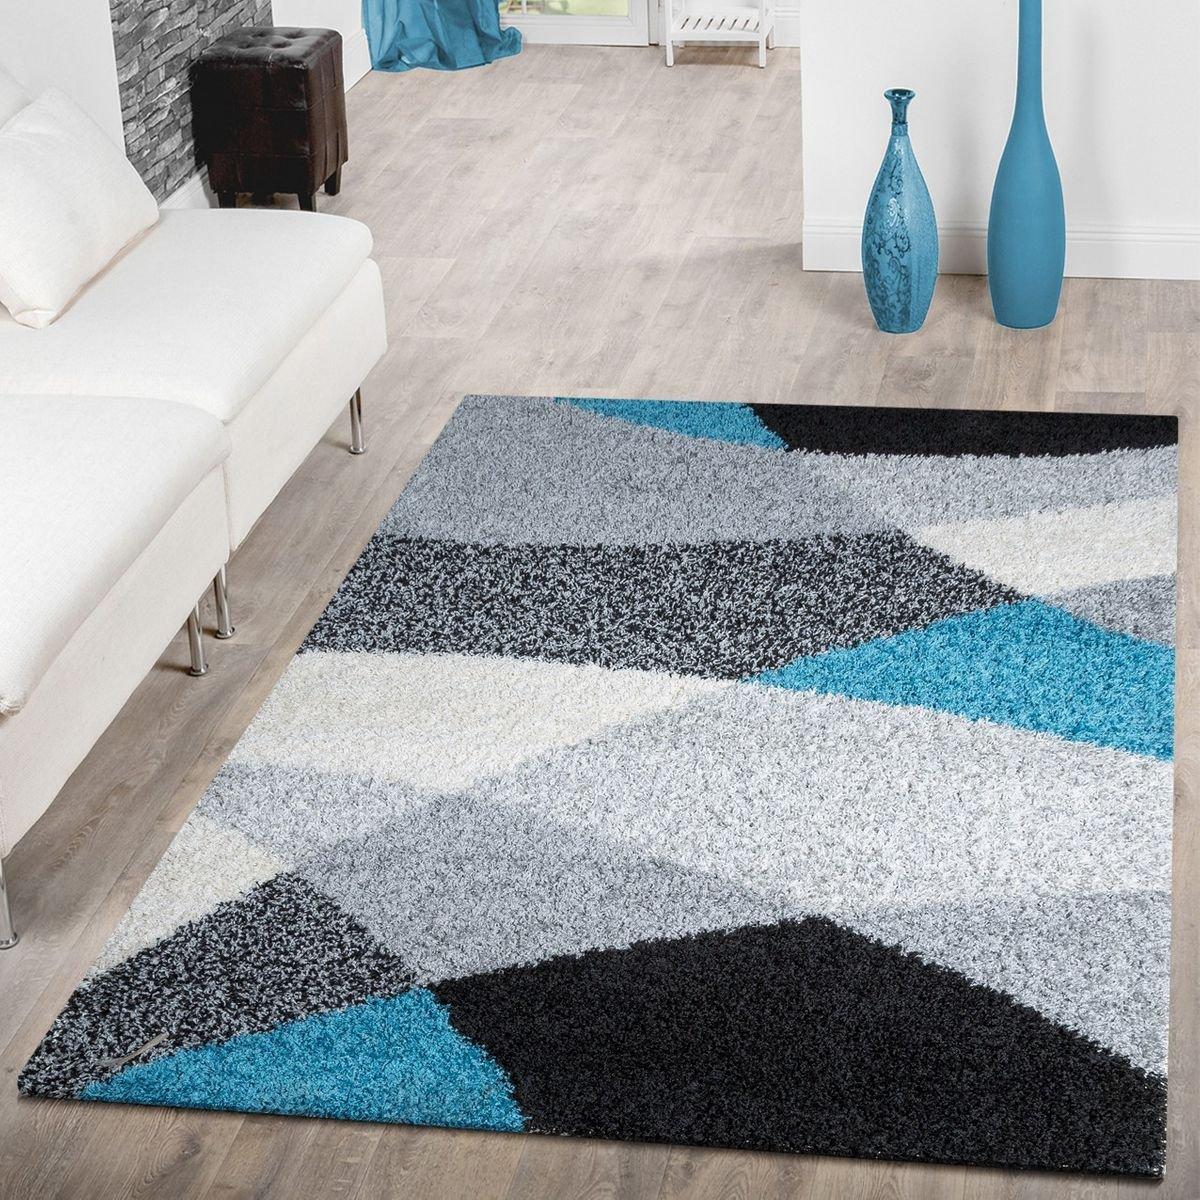 T&T Design Shaggy Teppich Hochflor Hochflor Hochflor Moderne Teppiche Geometrisch Gemustert in versch. Farben, Größe 200x280 cm, Farbe grau B076FCM12W Teppiche 8ad4c7